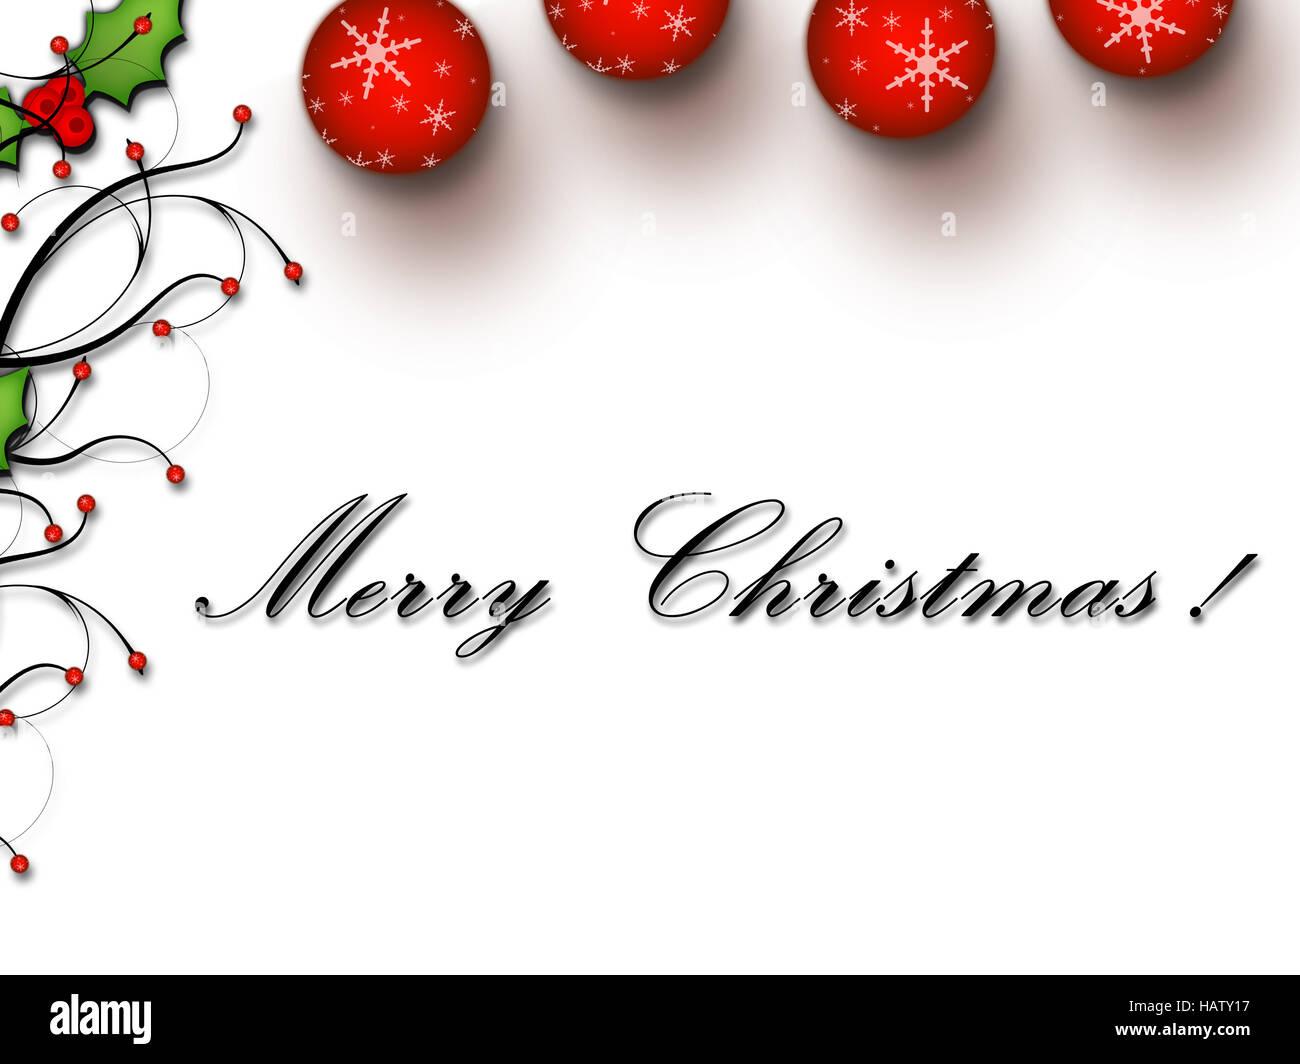 Elegante Weihnachten Englisch Stockfoto Bild 127167187 Alamy